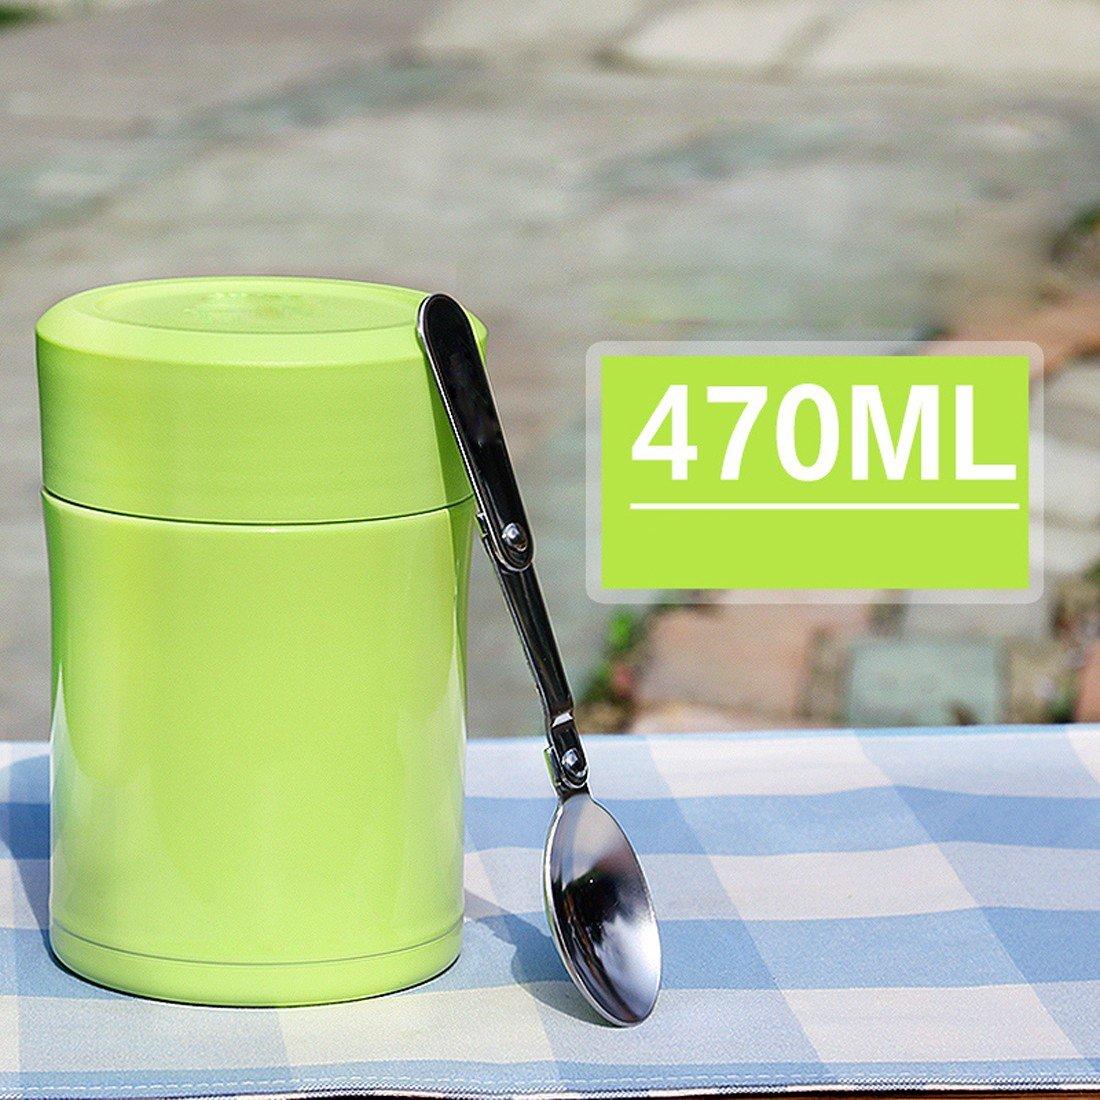 MDRW-Thermoskanne, schwelen Topf, verstopfte Becher,Fluoreszierend grün